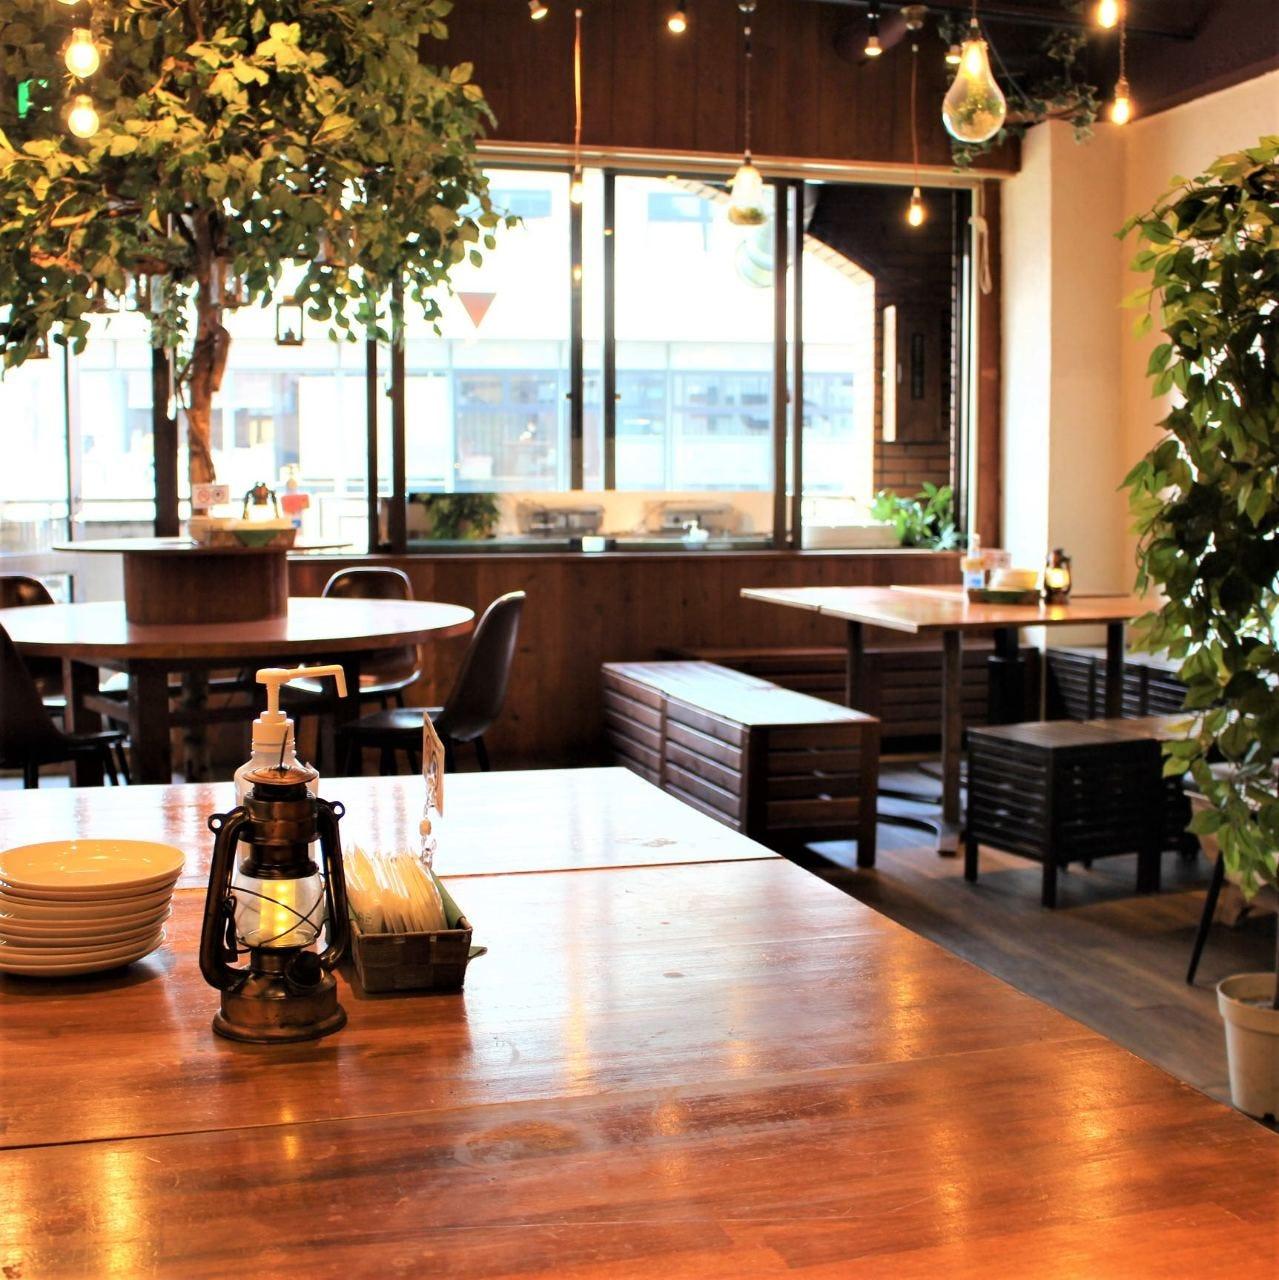 BBQダイニング 渋谷ガーデンスペース道玄坂店